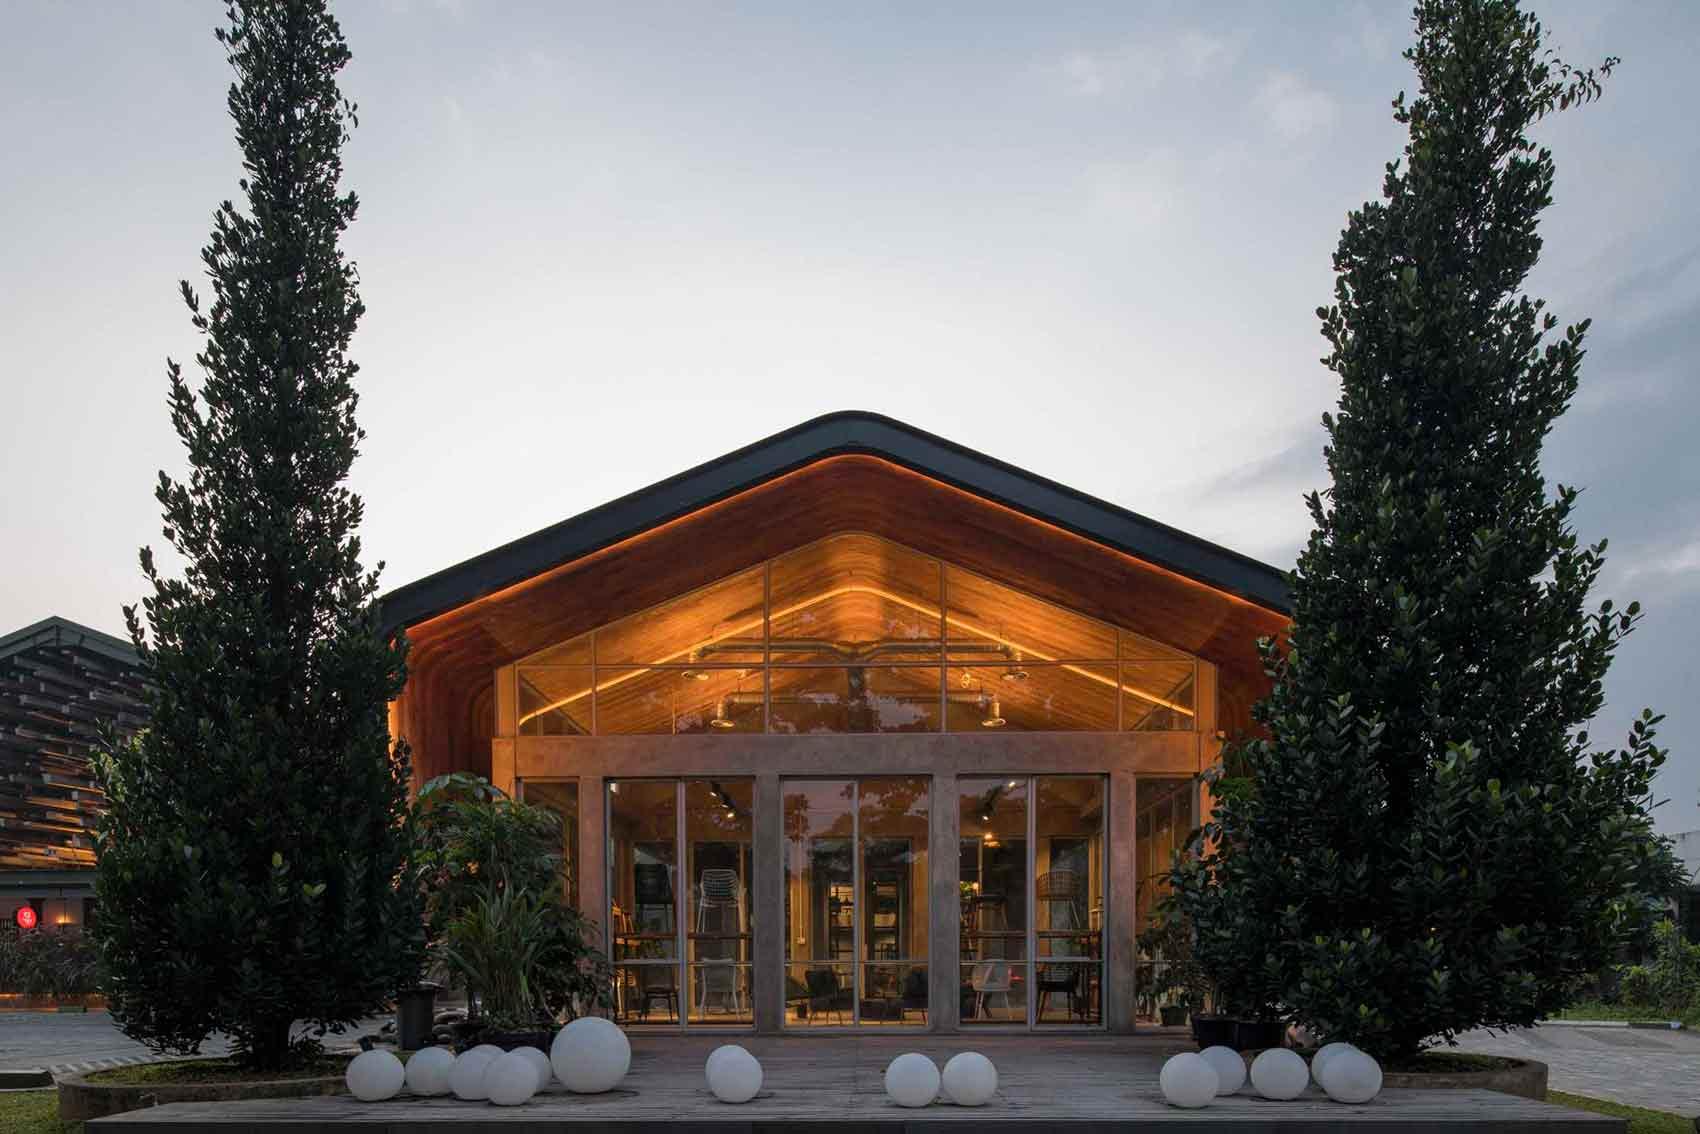 Pesona bangunan yang memikat siapa pun untuk berkunjung, Restoran Kayu Kayu karya W Office (Sumber: arsitag.com)